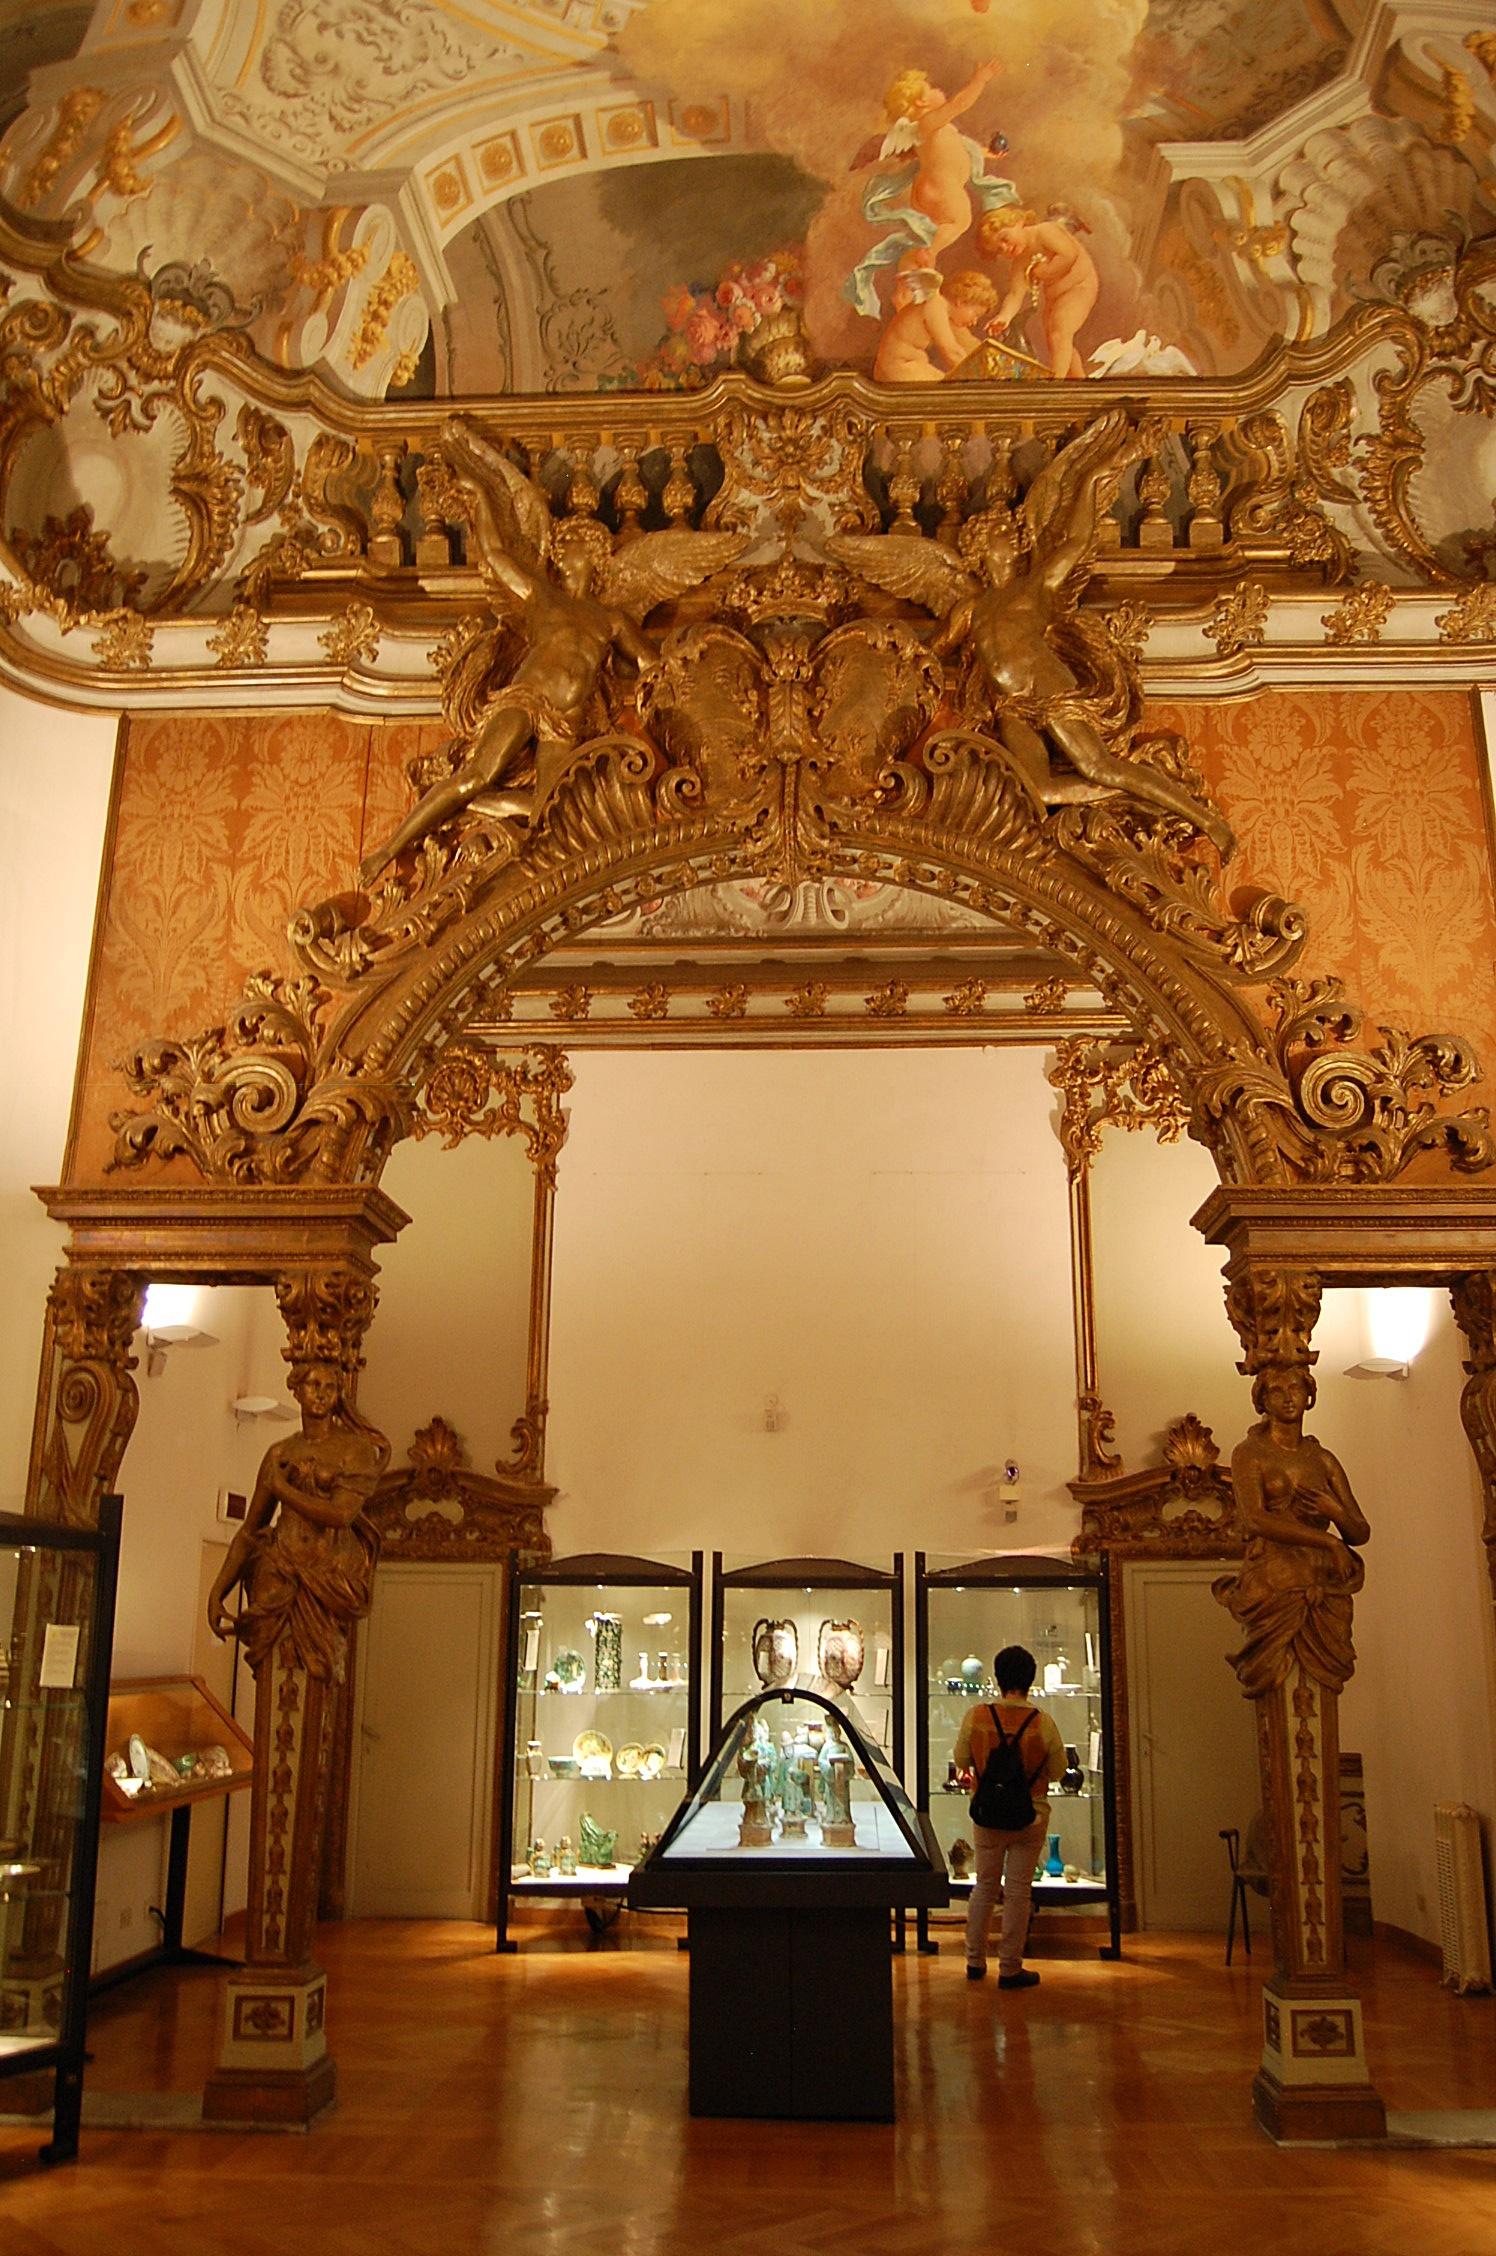 rocaille-blog-palazzo-brancaccio-museo-arte-orientale-53